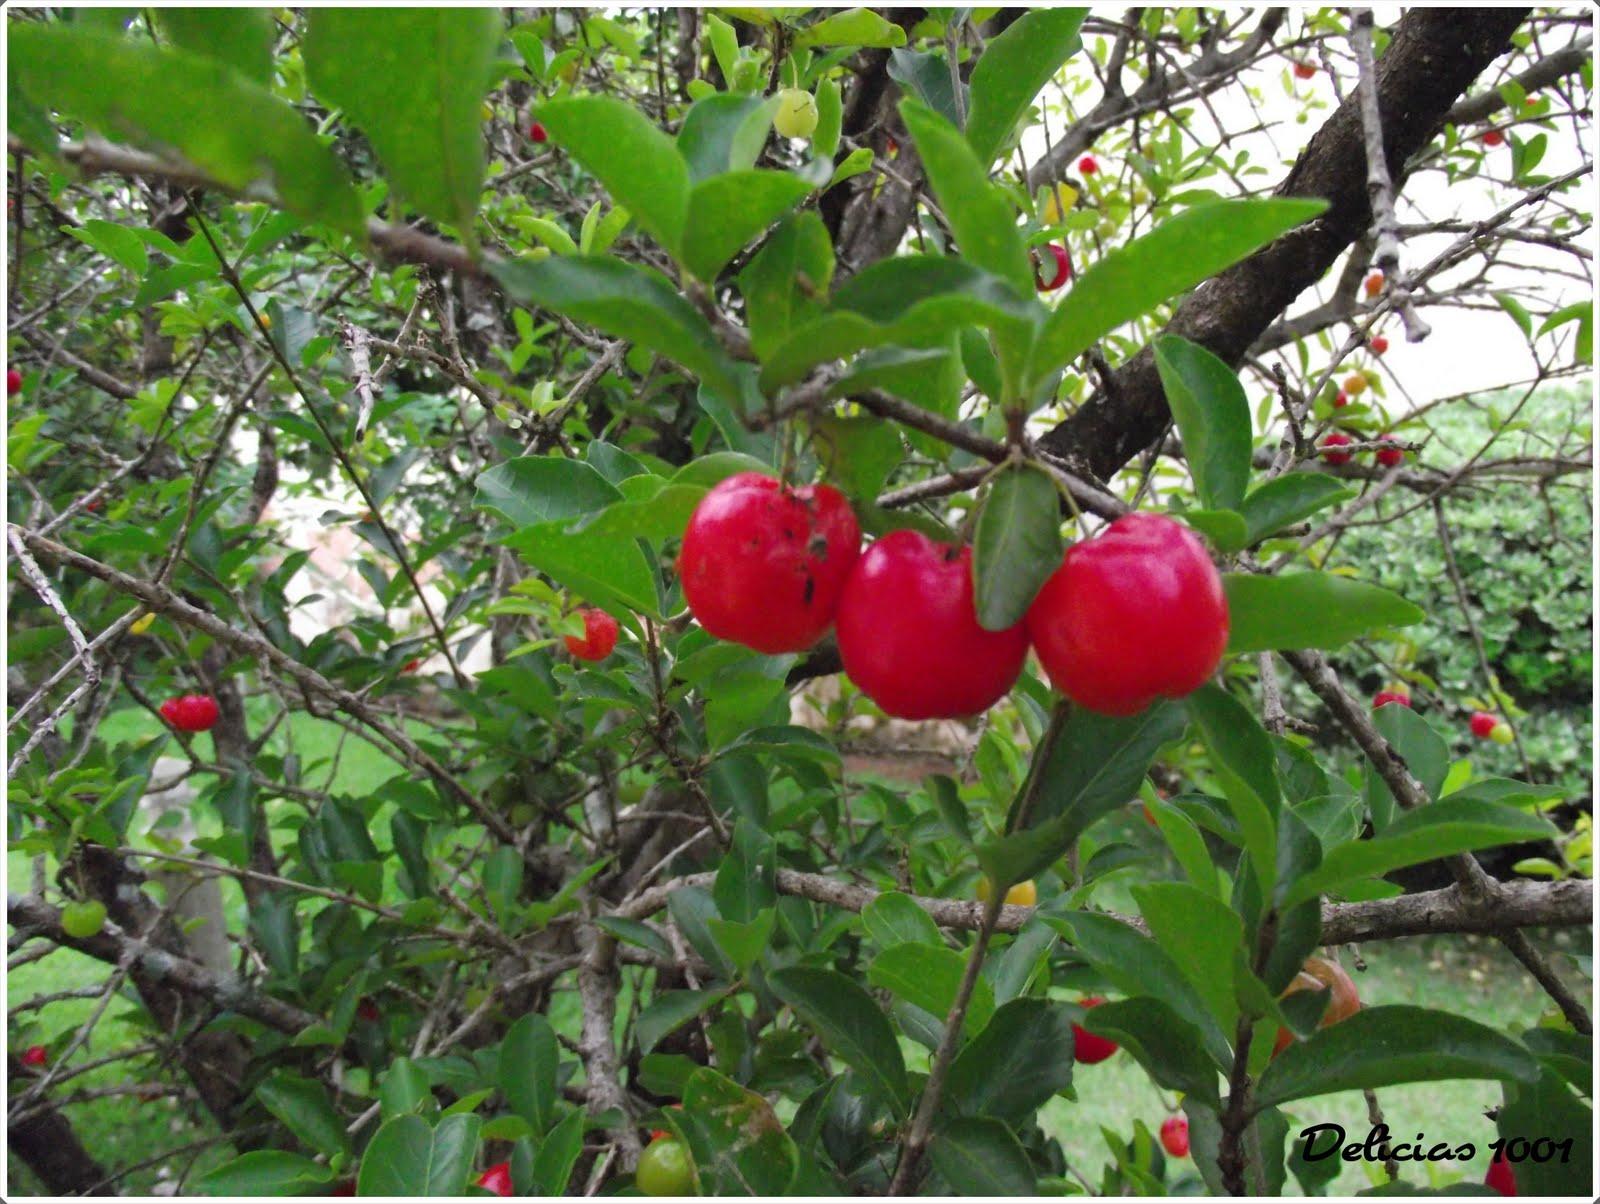 meu pomar horta jardim acerola delícias 1001delícias 1001